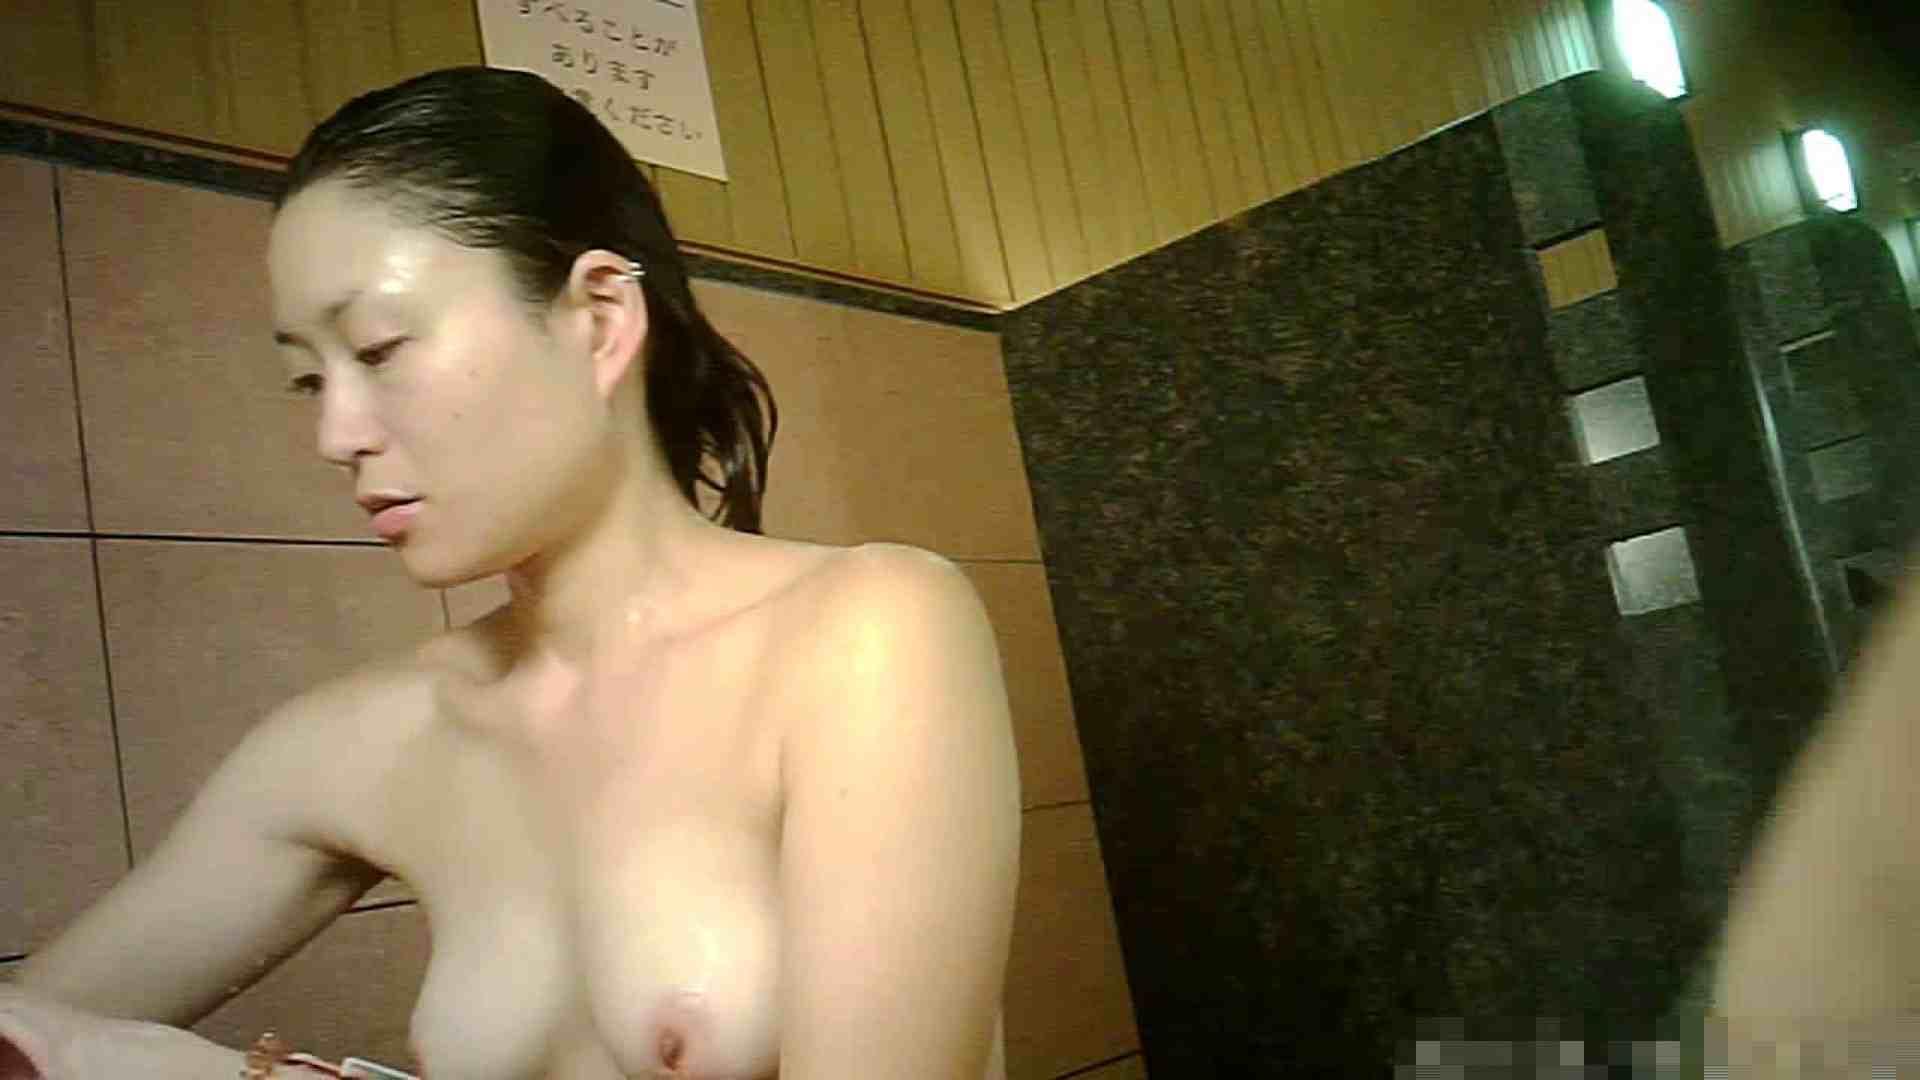 手を染めてしまった女性盗撮師の女風呂潜入記 vol.001 0   0  33画像 18